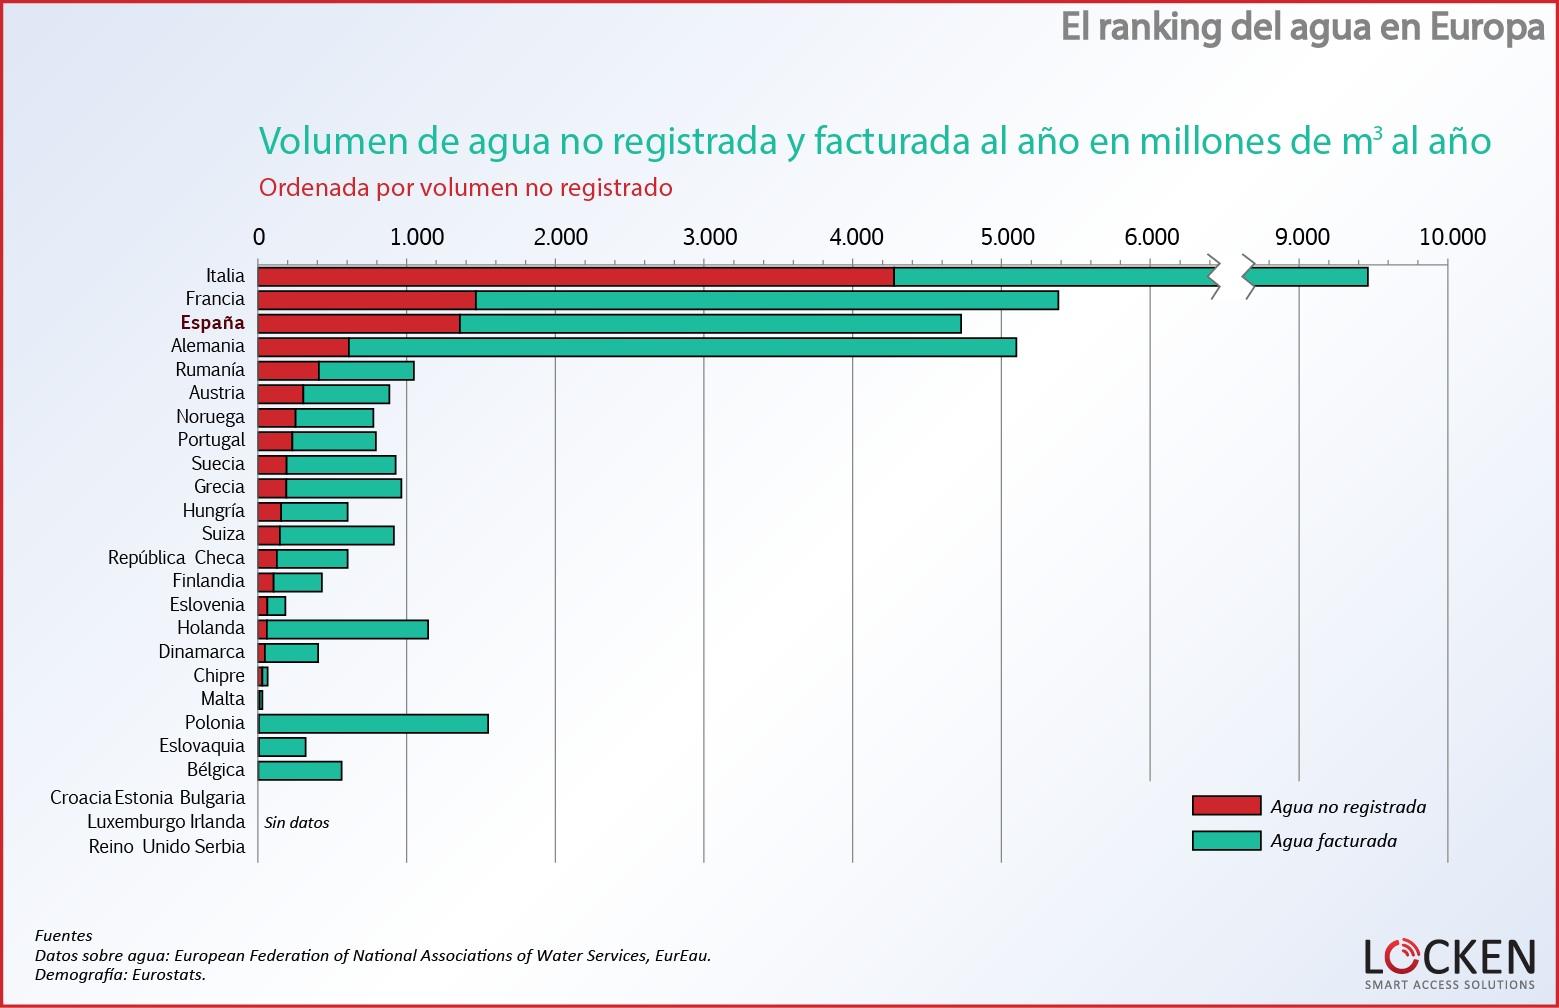 ranking-agua-europa-volumen-noregistrado-facturado